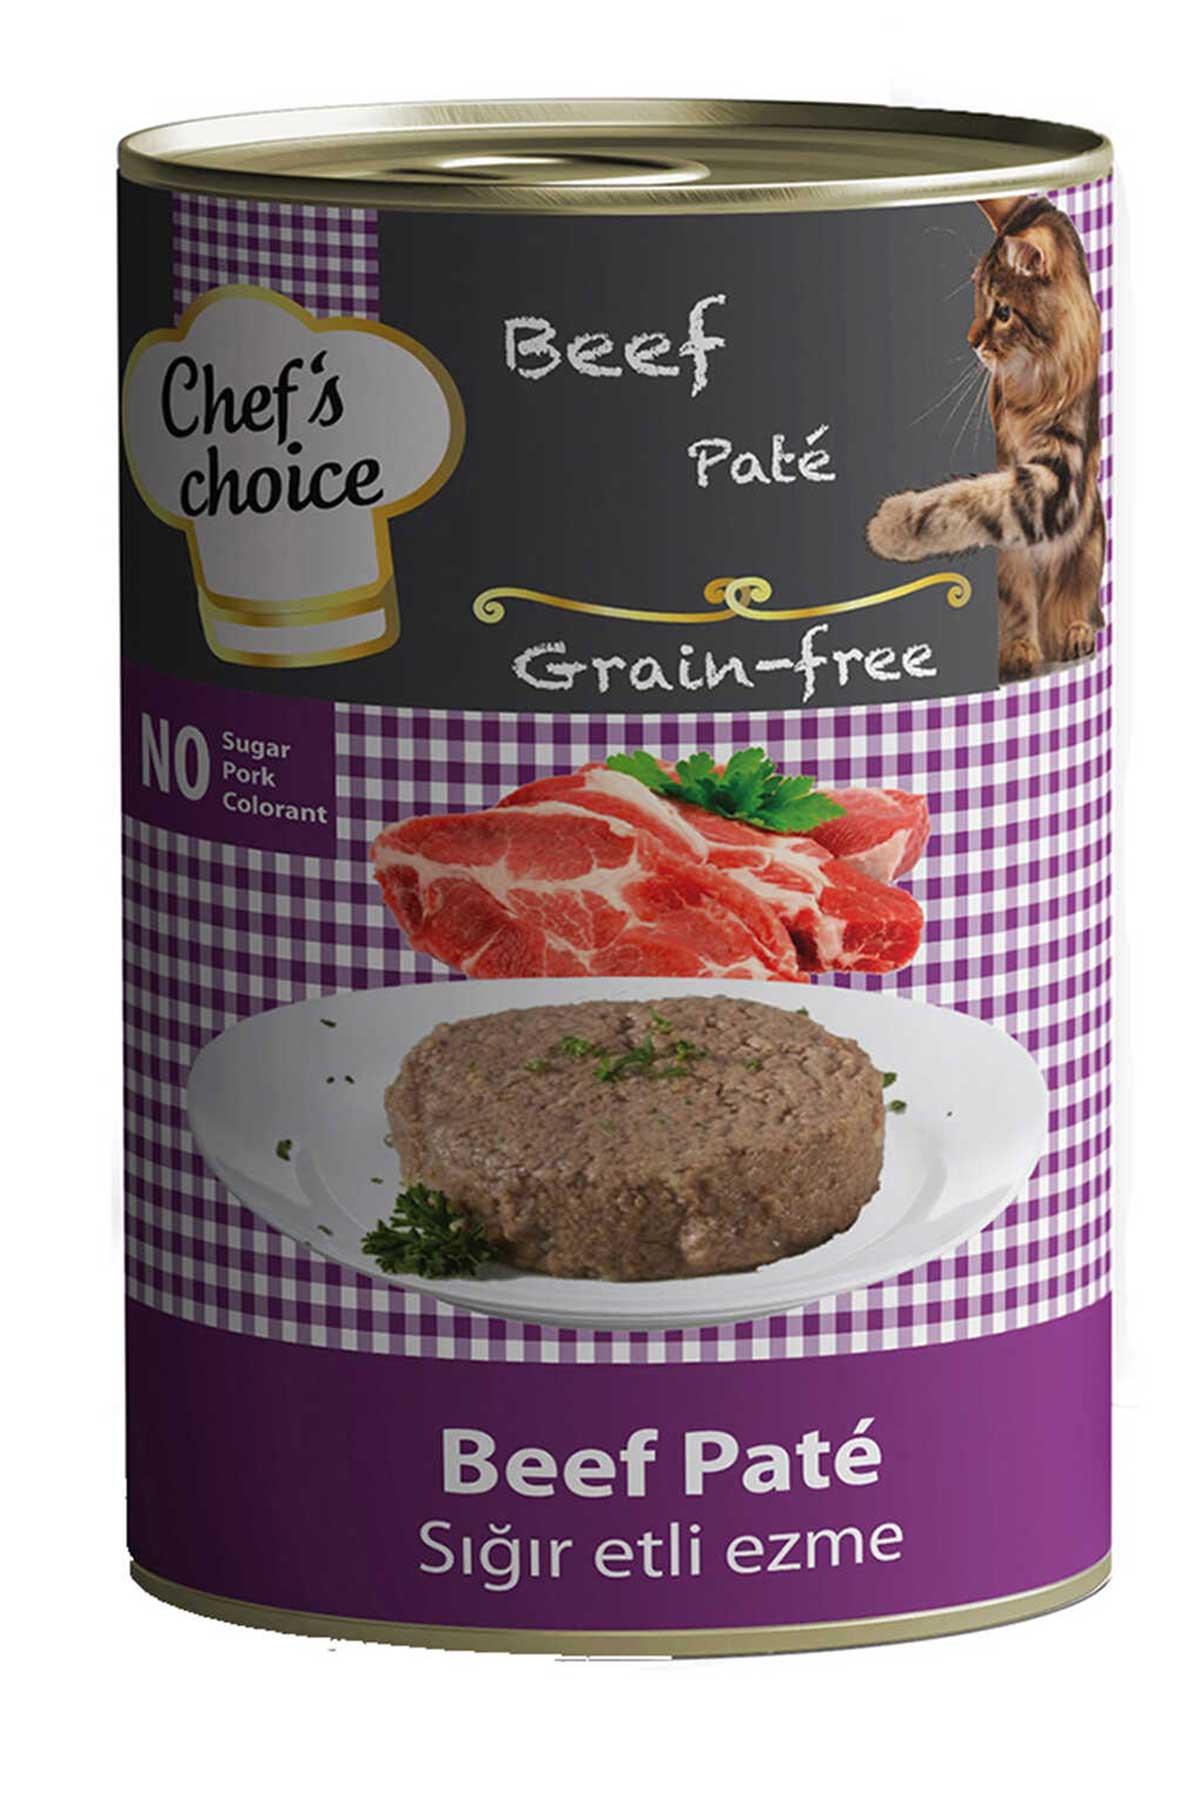 Chefs Choice Tahılsız Biftekli Yetişkin Kedi Konservesi 400gr